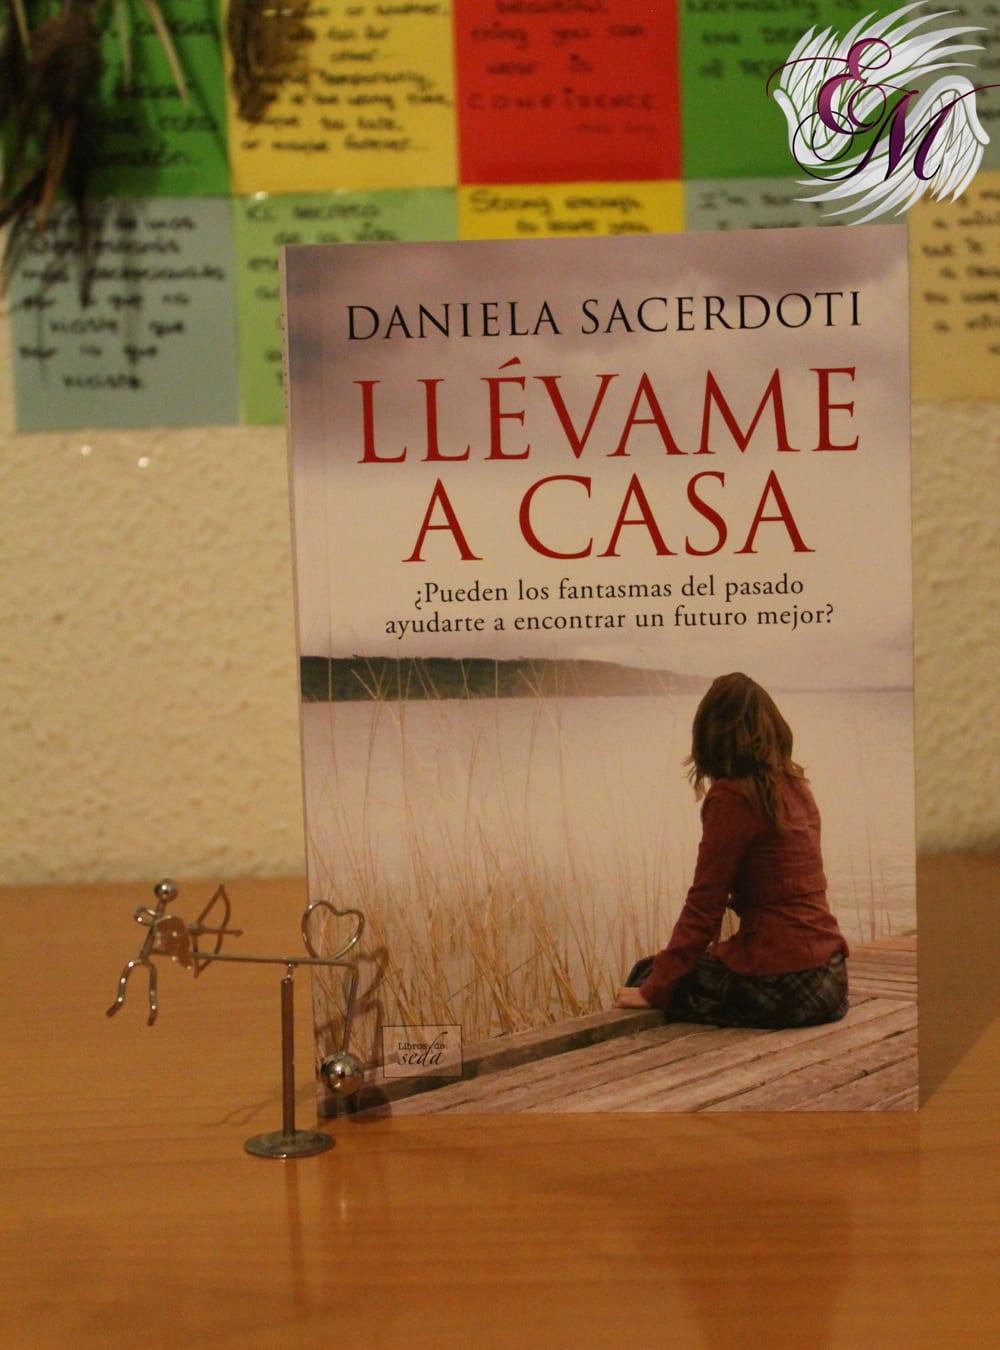 Llévame a casa, de Daniela Sacerdoti – Reseña